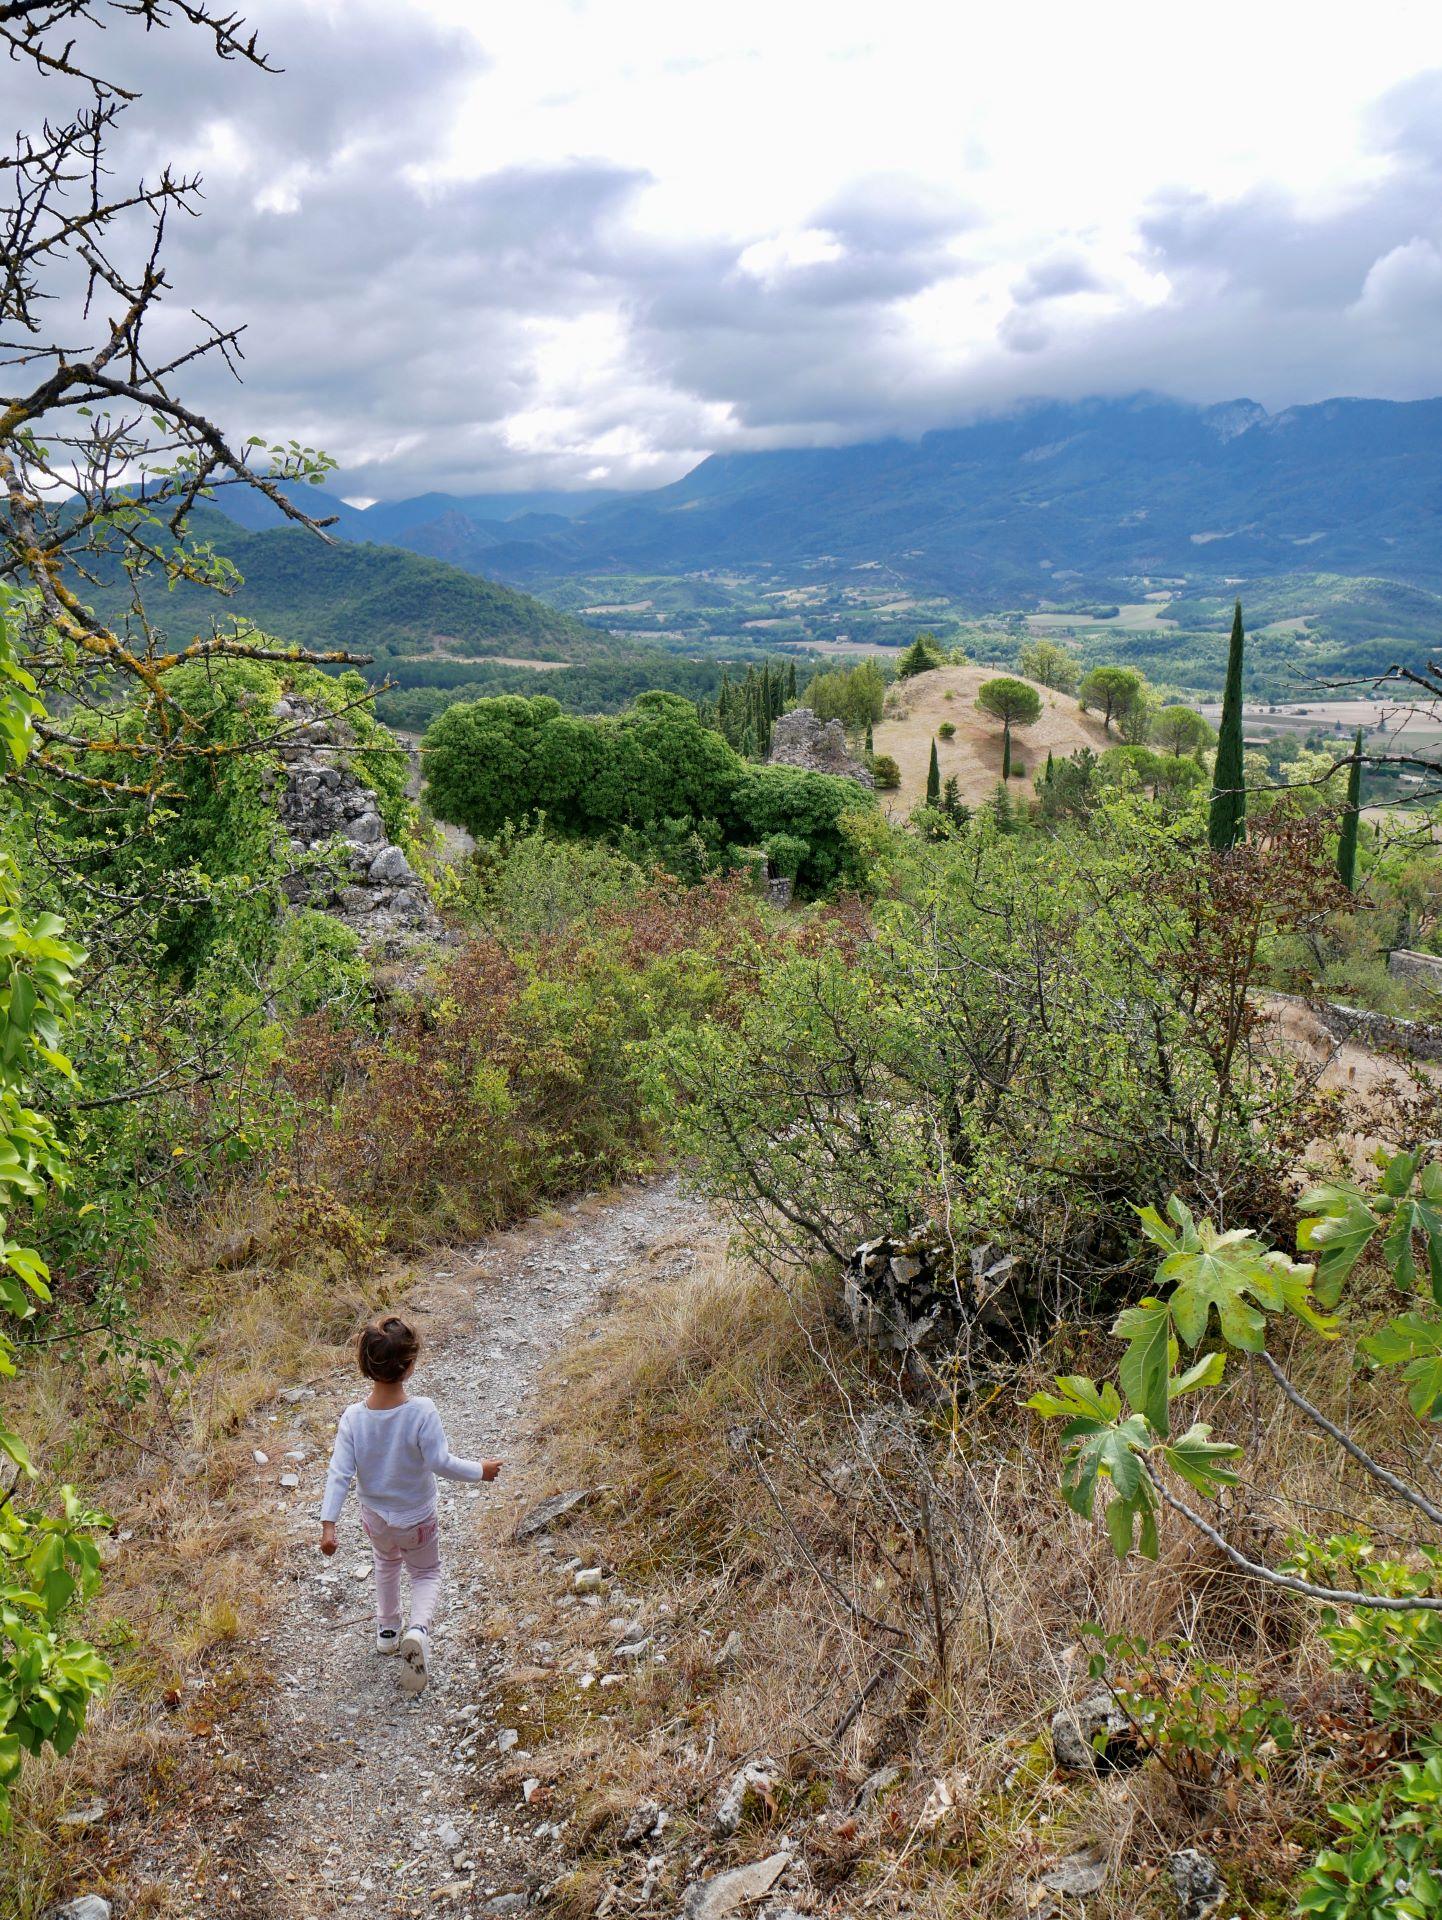 Vélo en Drôme et Ardèche : la vélodrôme et le village de Mirabel-et-Blacons